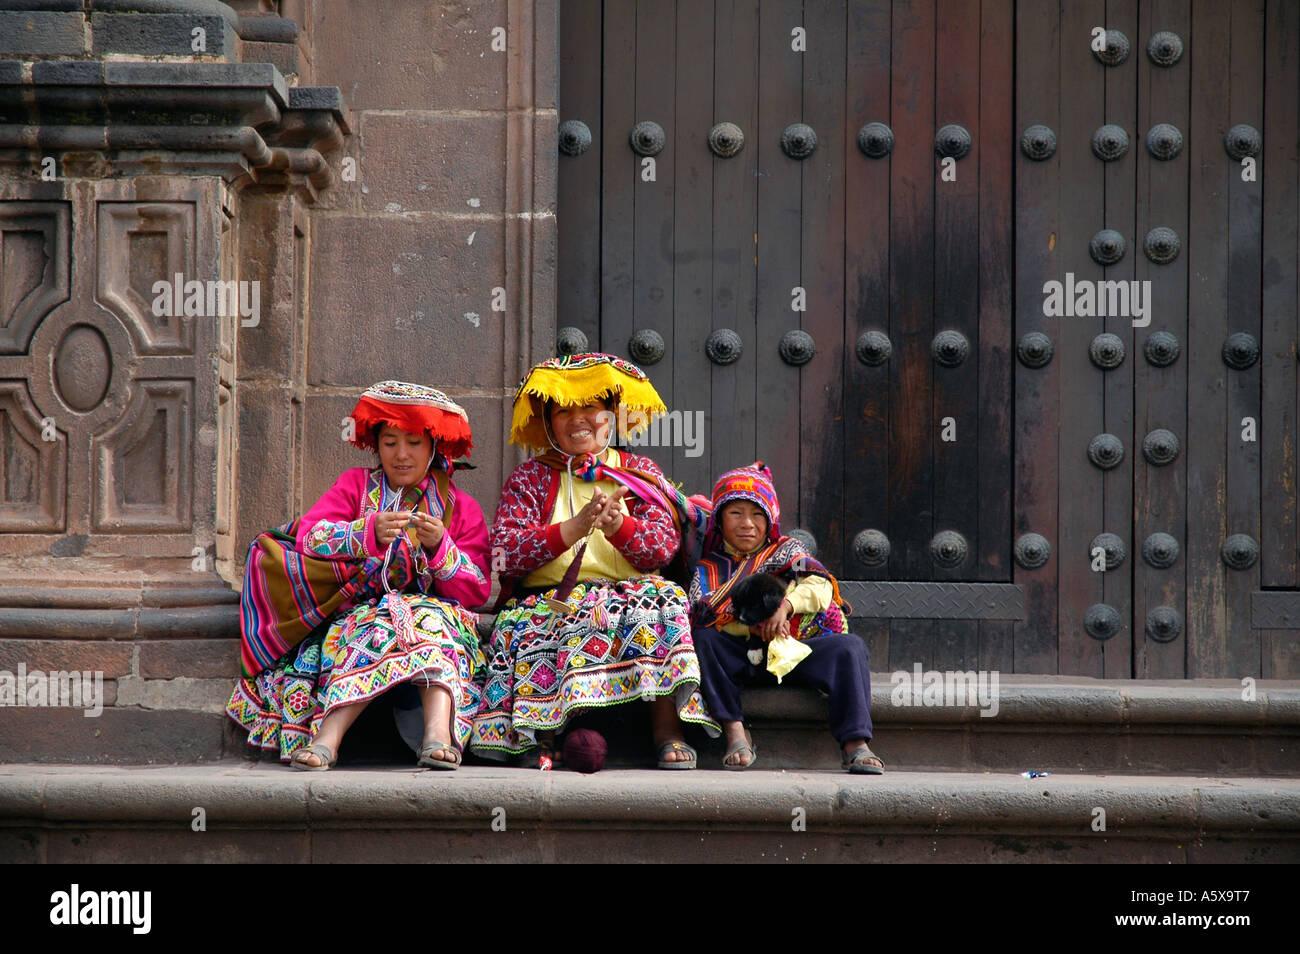 Indigeni Quechua persone di fronte alla chiesa di Santo Domingo, a.k.a. Coricancha in Cusco, Perù, Sud America Immagini Stock